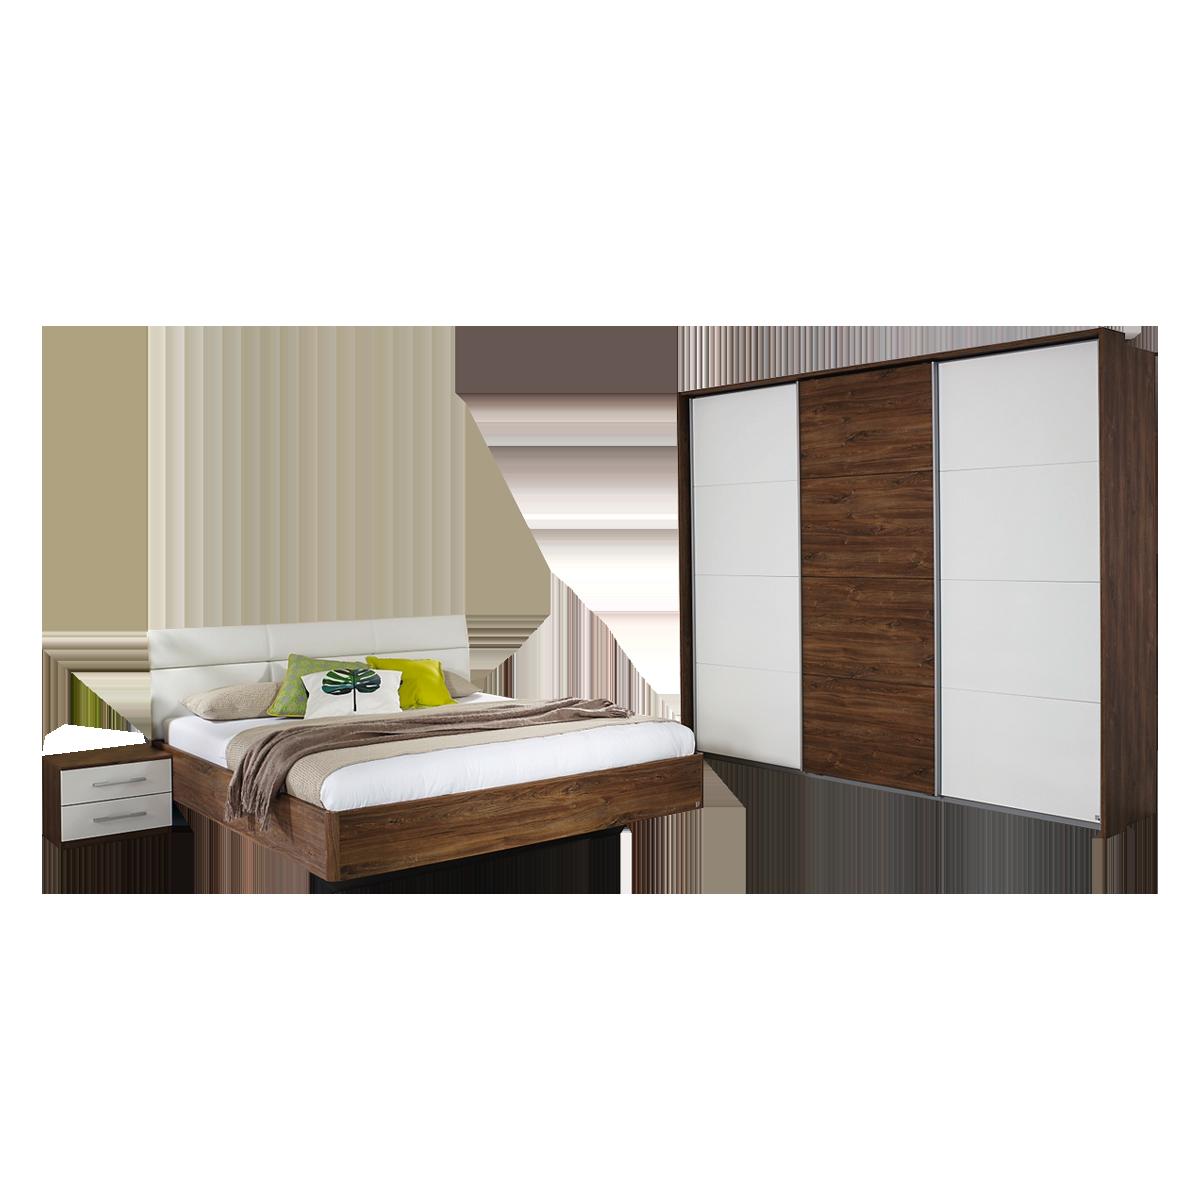 Rauch Packs Kelheim Schlafzimmer 4 Teilig Bestehend Aus Bett Nachttisch Paar Und Schwebeturenschrank Mit Passepartout Rahmen Farbausfuhrung